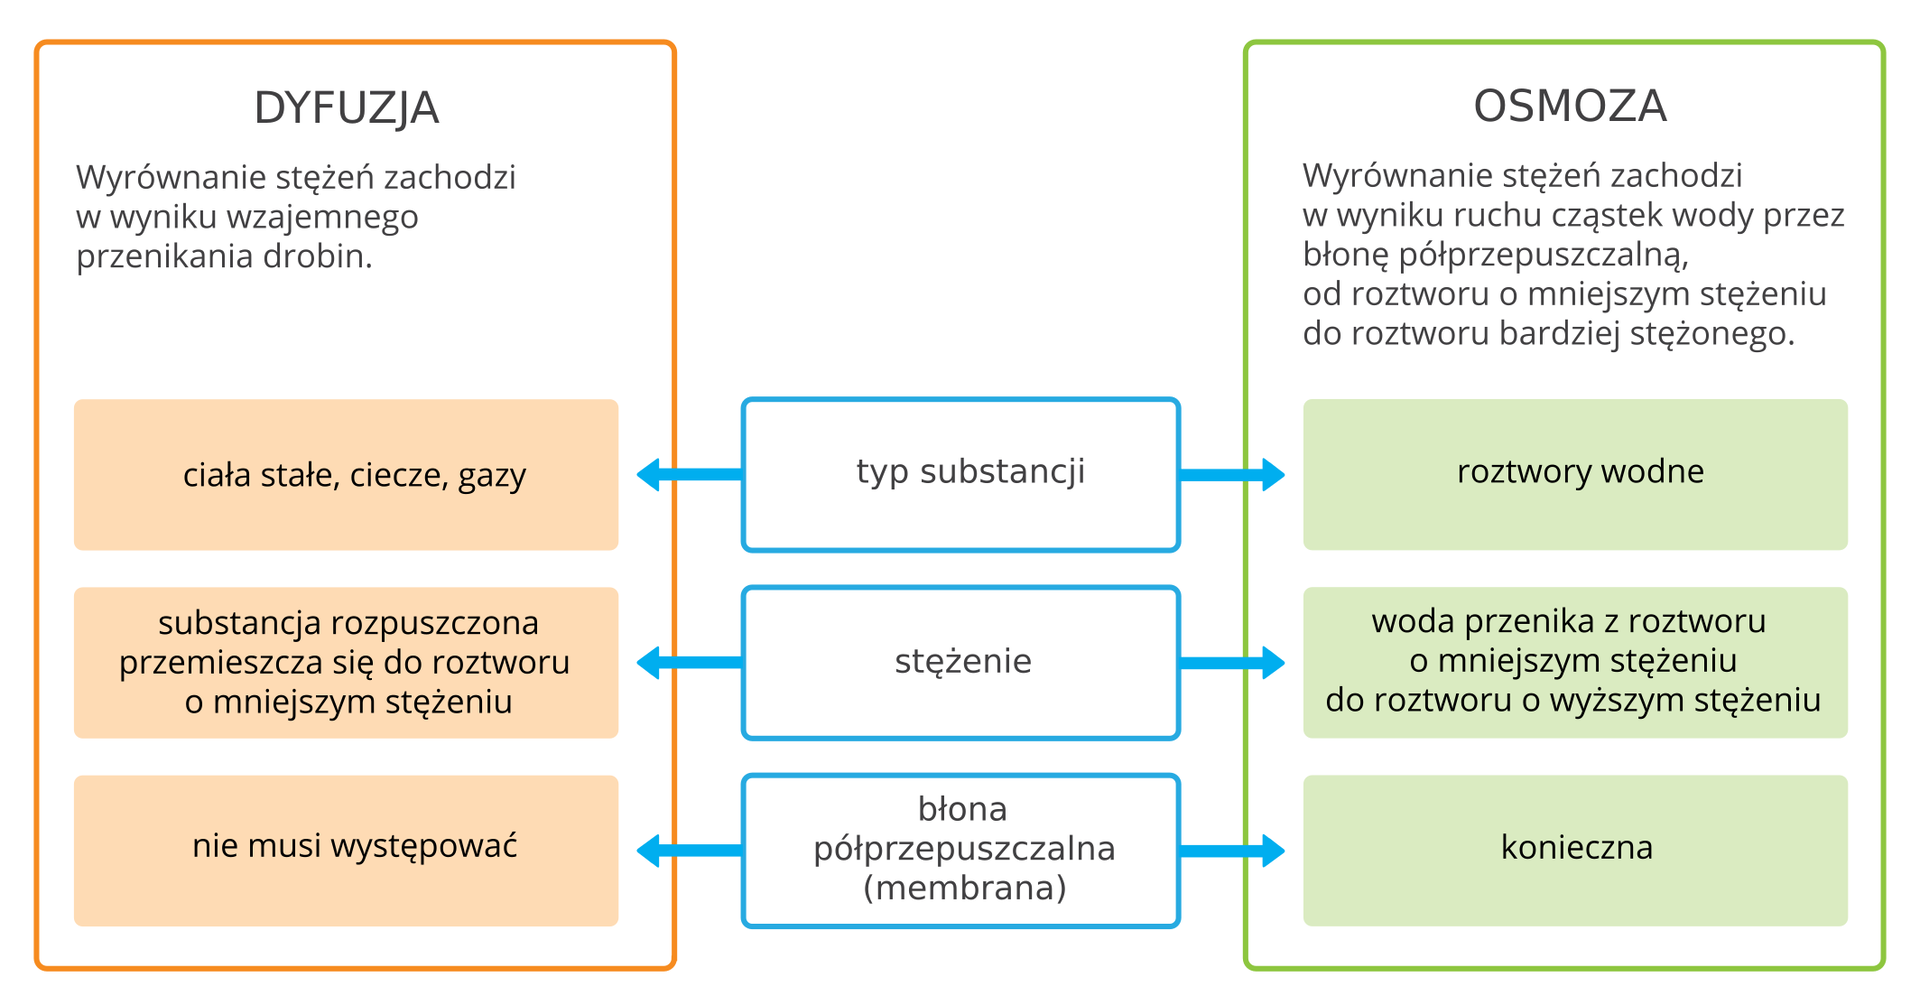 Ilustracja prezentuje infografikę wyjaśniającą podobieństwa iróżnice pomiędzy osmozą, adyfuzją. Składa się ona zdwóch kolumn, po jednej dla każdego procesu oraz listy cech pomiędzy nimi: typu substancji, których dany proces dotyczy, stężenia oraz obecności błony półprzepuszczalnej, czyli membrany pomiędzy mieszającymi się substancjami. Każdą zkolumn rozpoczyna też krótkie opisanie zjawiska. Itak dyfuzja to zjawisko, wktórym wyrównanie stężeń zachodzi wwyniku wwyniku wzajemnego przenikania drobin. Mogą wnim brać udział ciała stałe, ciecze igazy. Zkolei wosmozie wyrównanie stężeń zachodzi wwyniku ruchu cząstek wody przez błonę półprzepuszczalną, zczego wynika, że mogą brać wniej udział wyłącznie roztwory wodne. Wdyfuzji substancja rozpuszczona przemieszcza się do roztworu omniejszym stężeniu, natomiast wosmozie to cząsteczki wody przenikają zroztworu omniejszym stężeniu do roztworu owyższym stężeniu. Iwreszcie wdyfuzji błona półprzepuszczalna nie musi występować, awosmozie jest konieczna do zaistnienia zjawiska.